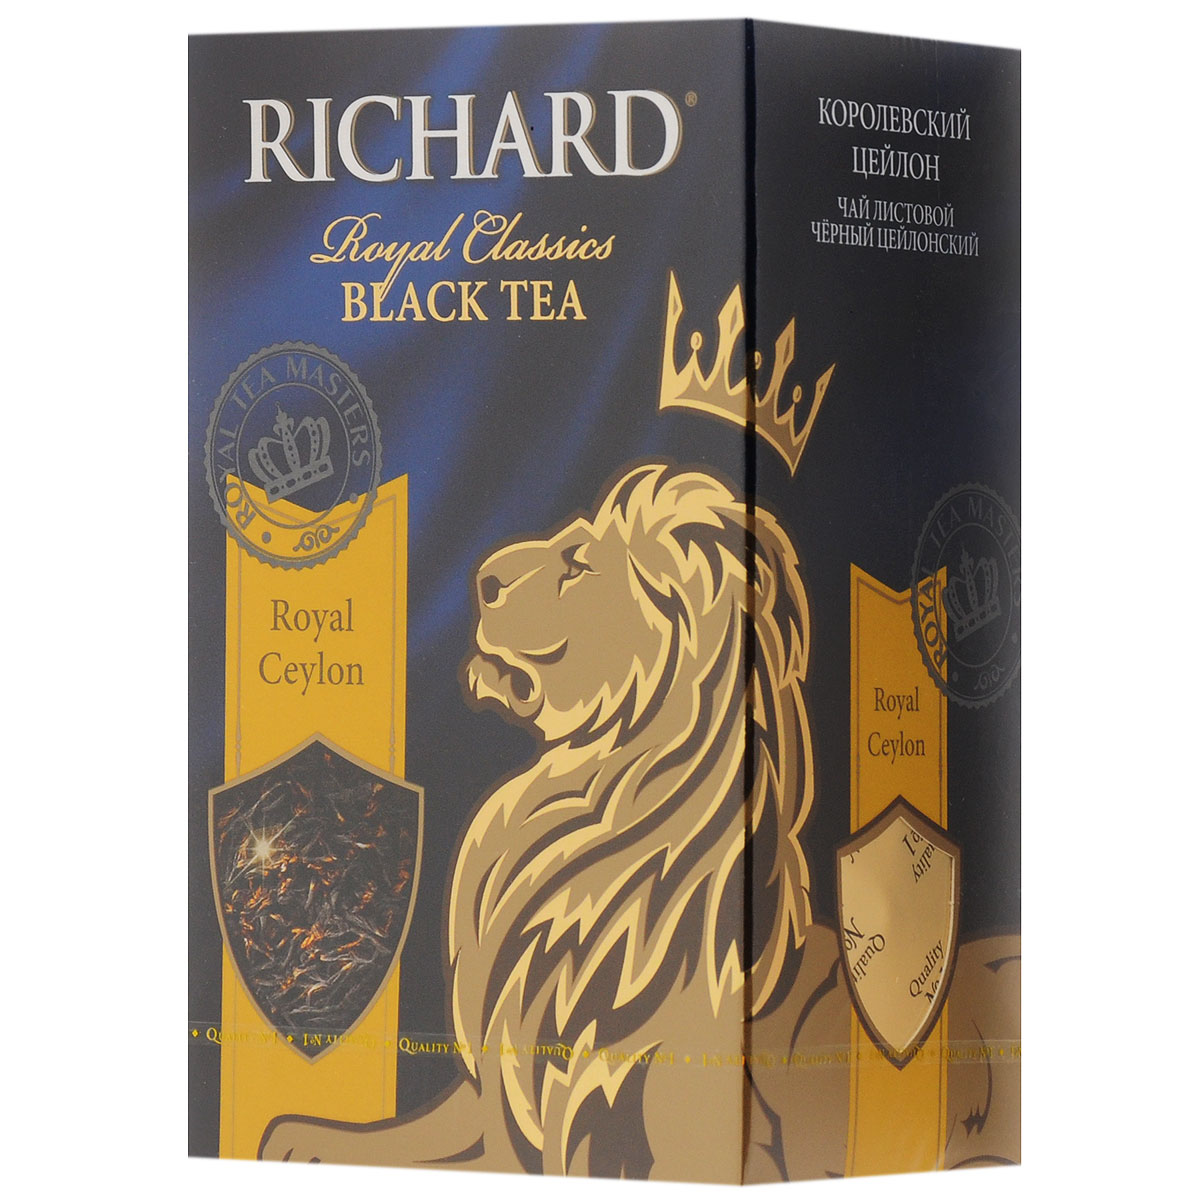 Richard Royal Ceylon черный листовой чай, 90 г610602Richard Royal Ceylon - листовой черный цейлонский чай, который подарит вам классический вкус и аромат каждое утро.